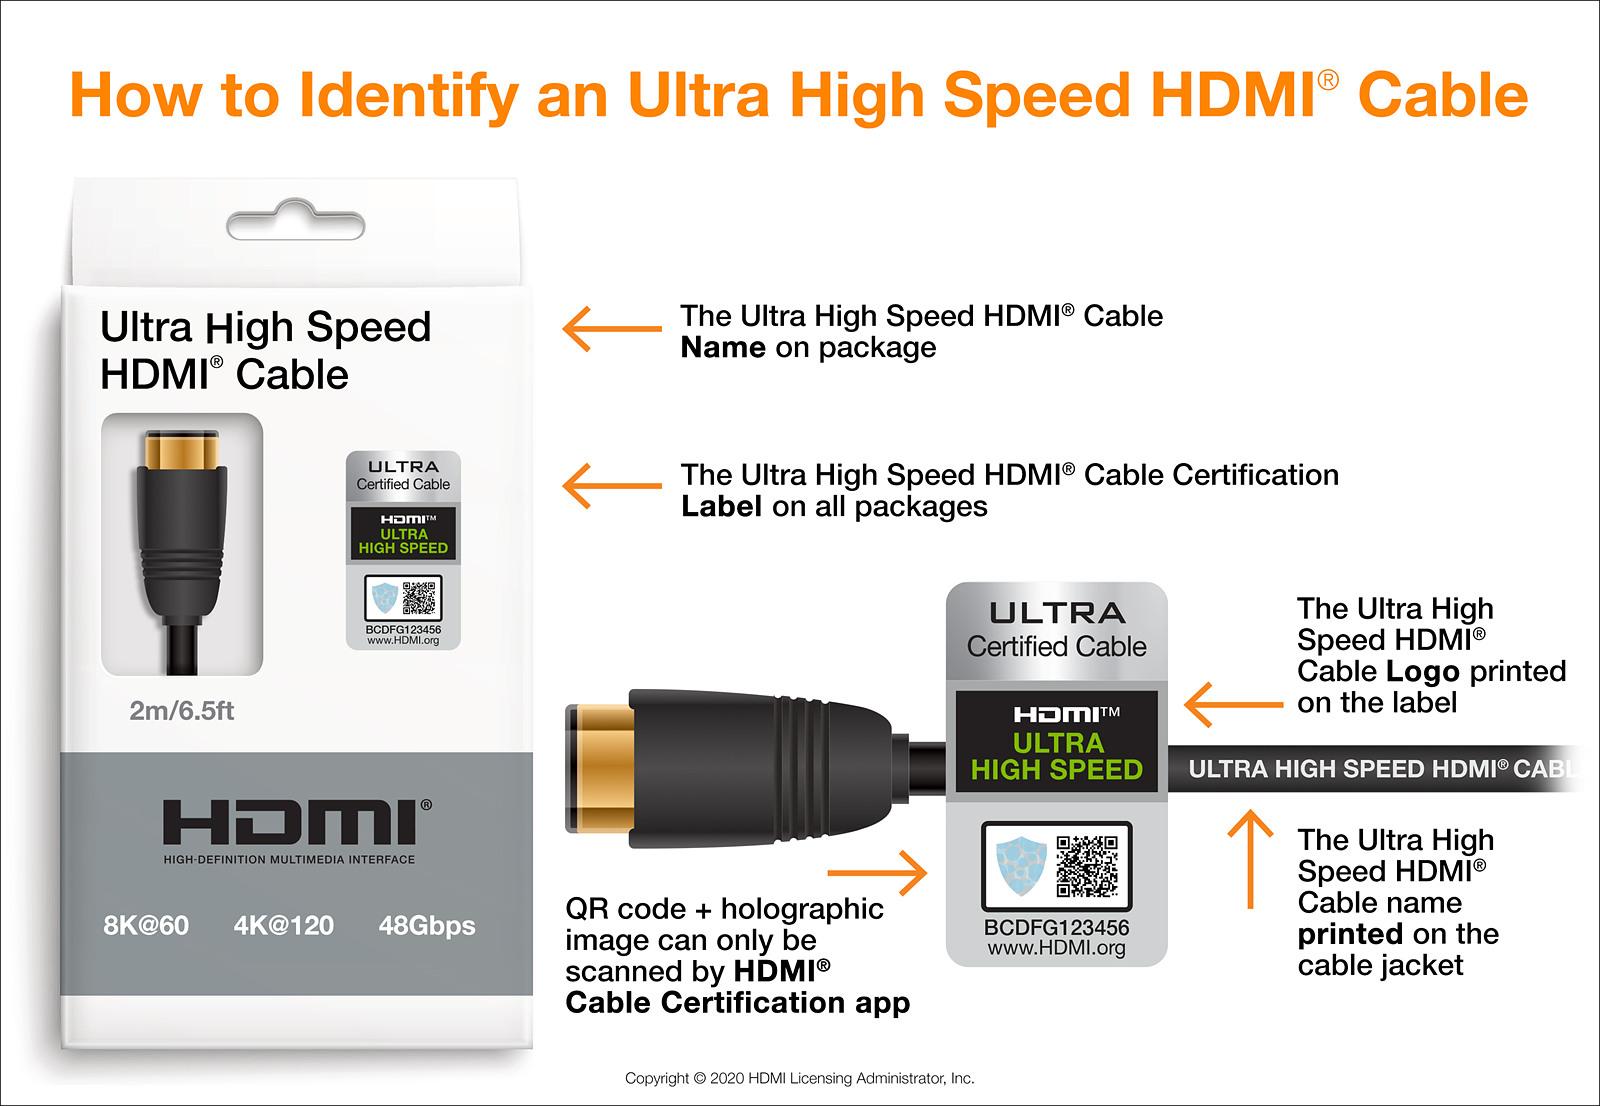 초고속 HDMI 케이블 인증 제품 식별 방법